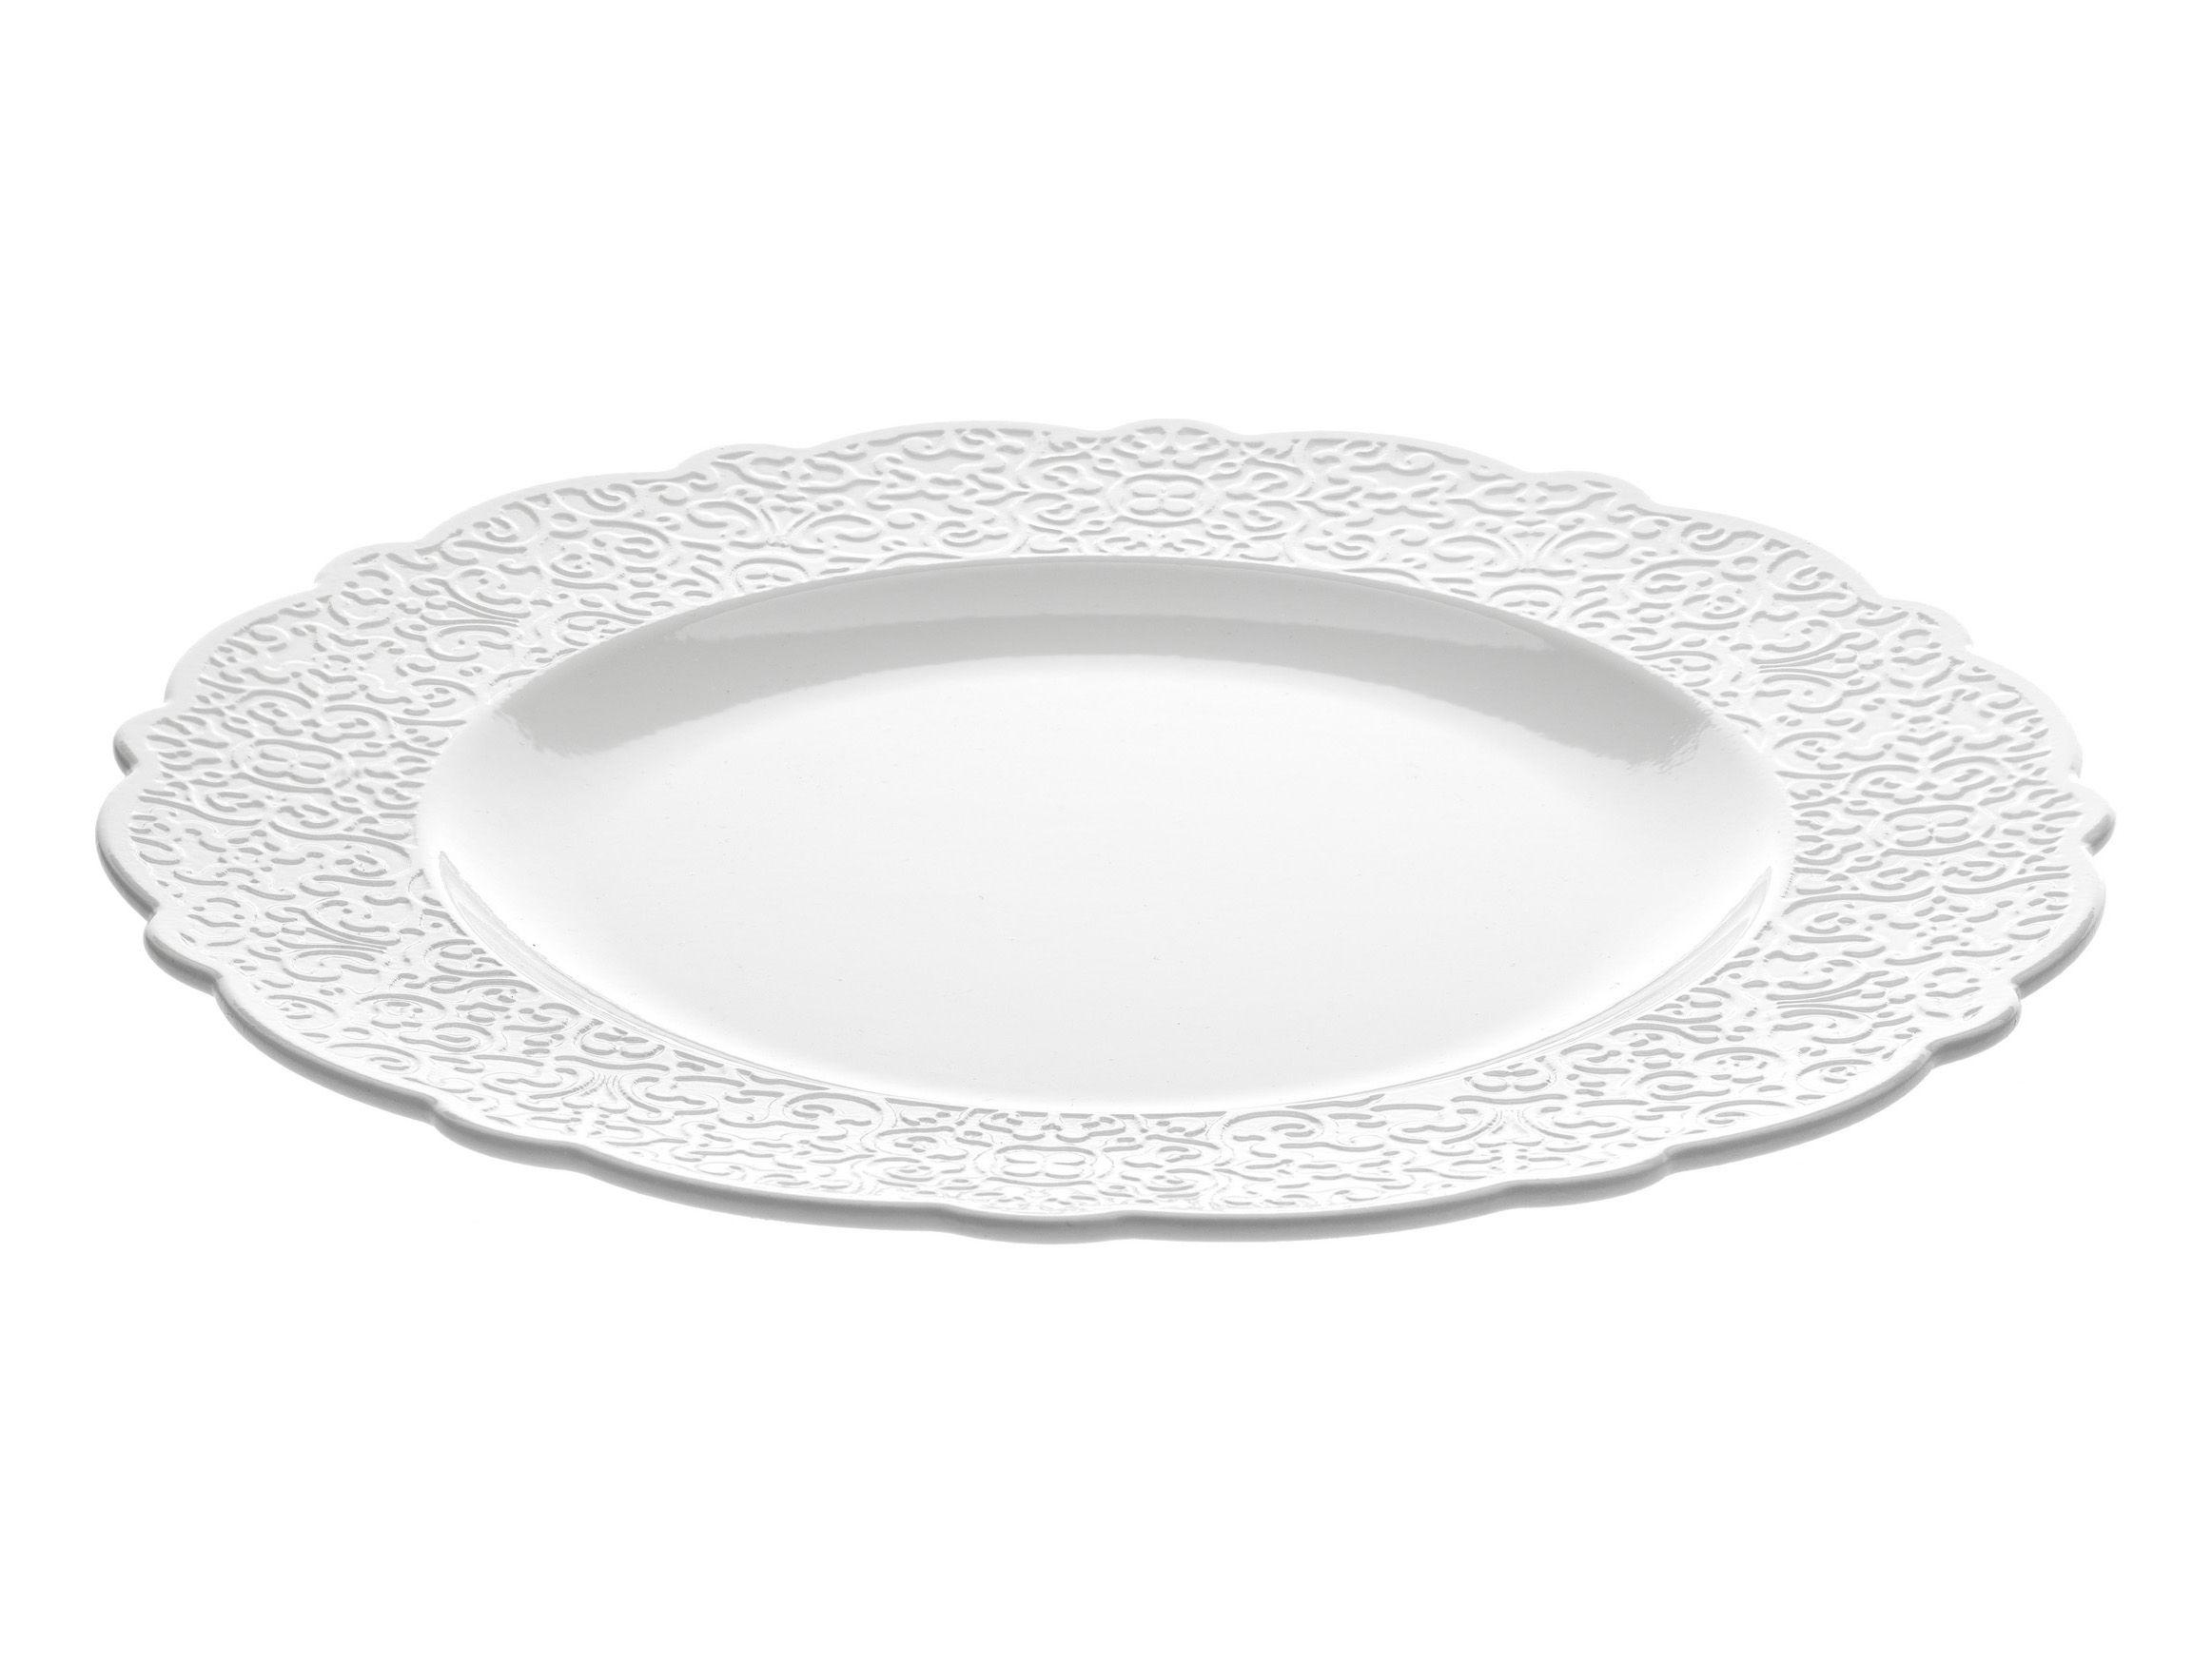 Arts de la table - Assiettes - Assiette Dressed Ø 27 cm - Alessi - Assiette Ø 27 cm - Blanc - Porcelaine